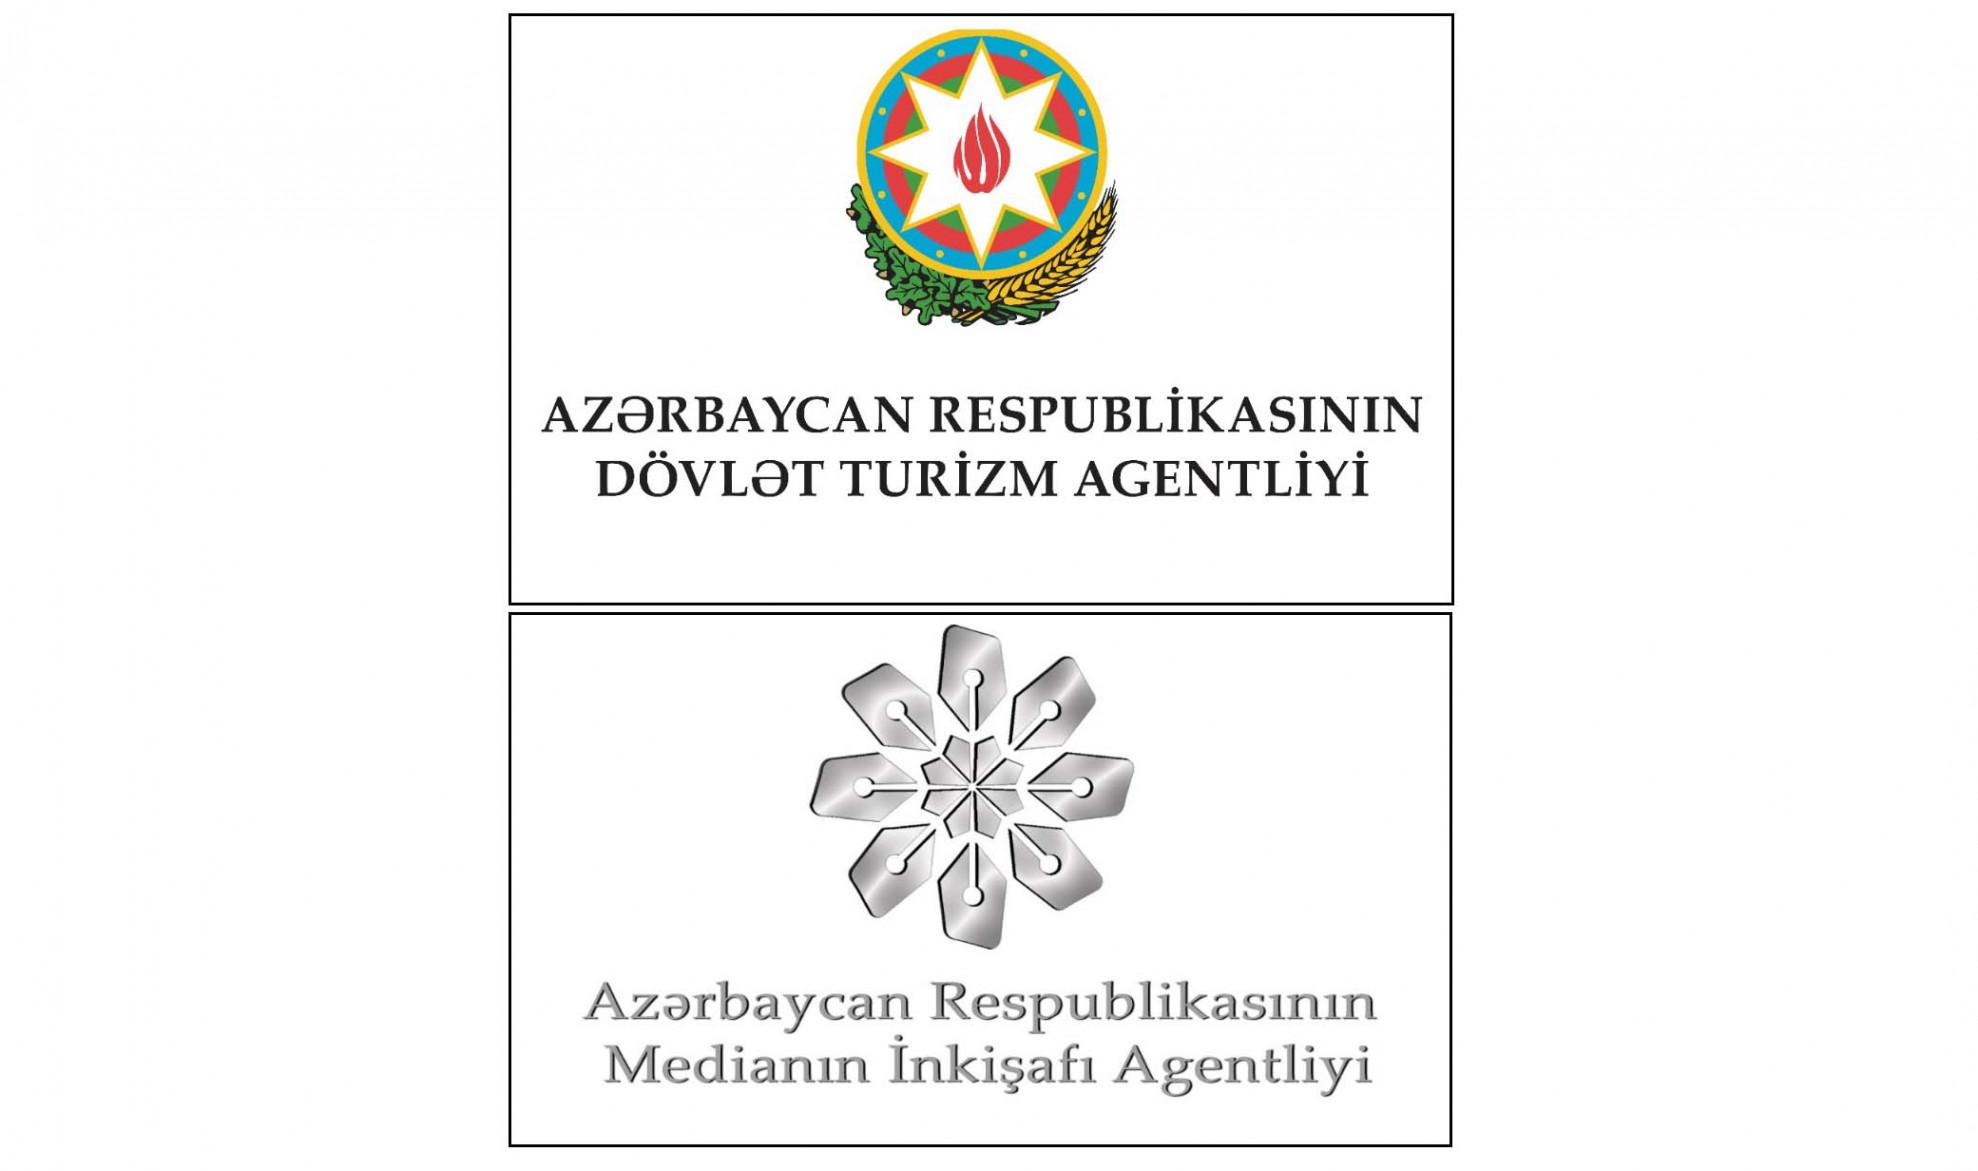 Dövlət Turizm Agentliyi və Medianın İnkişafı Agentliyi KİV nümayəndələri və peşəkar fotoqraflar arasında müsabiqə elan edir